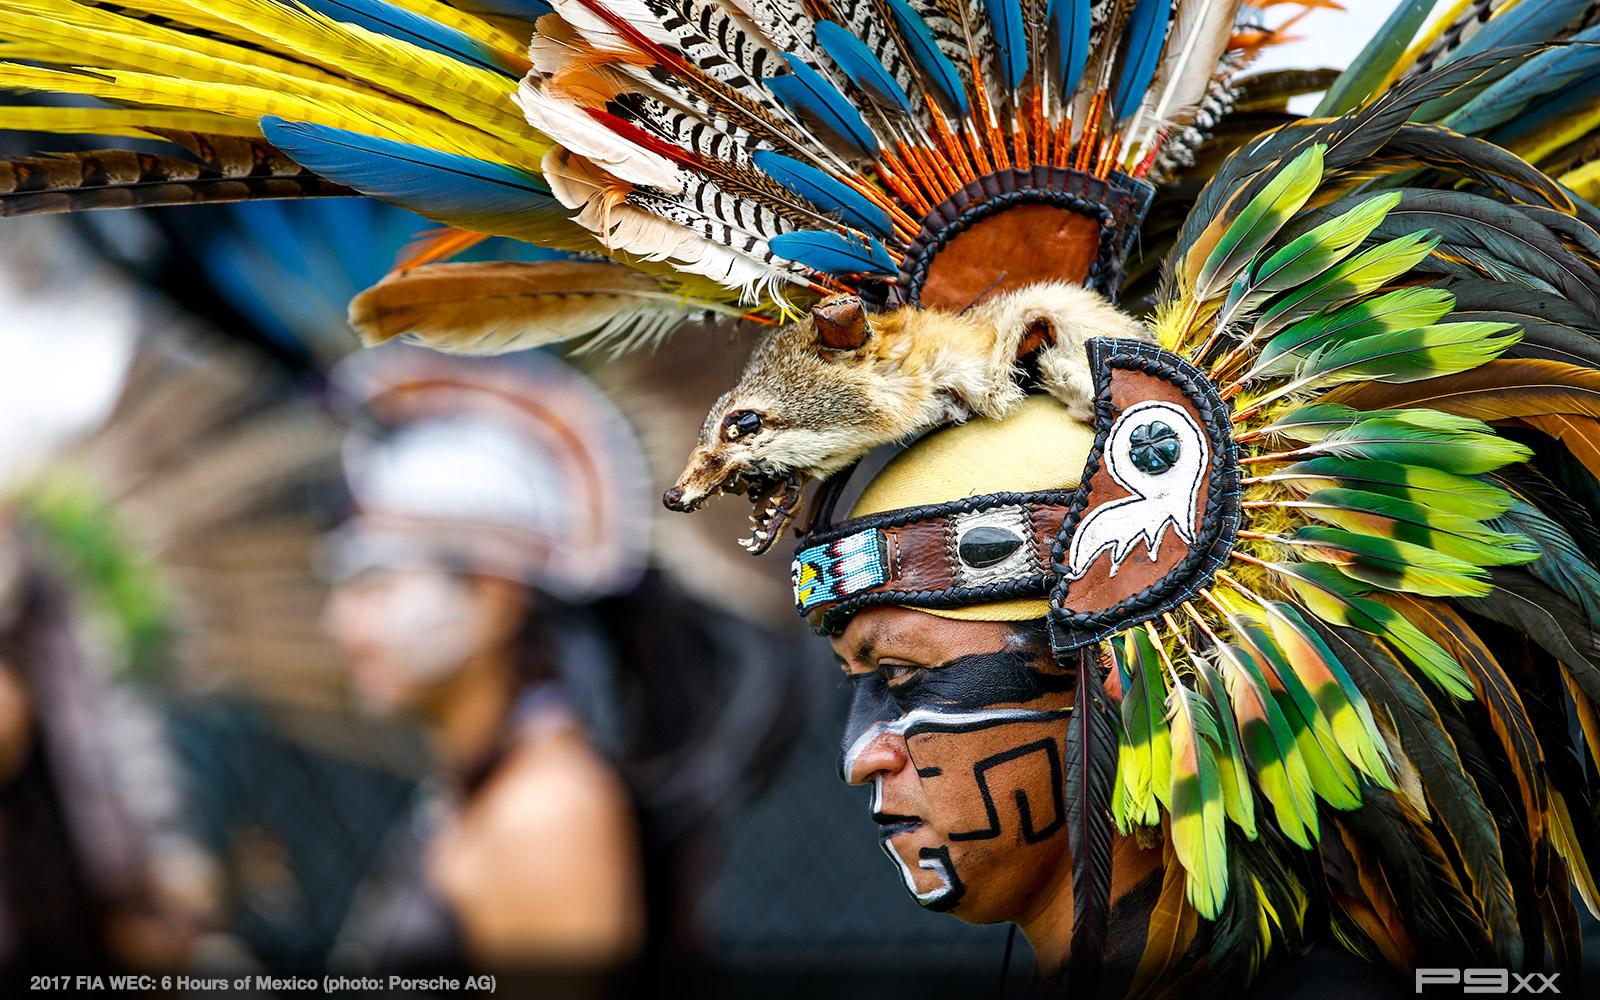 2017-FIA-WEC-6-HOURS-MEXICO-PORSCHE-1355